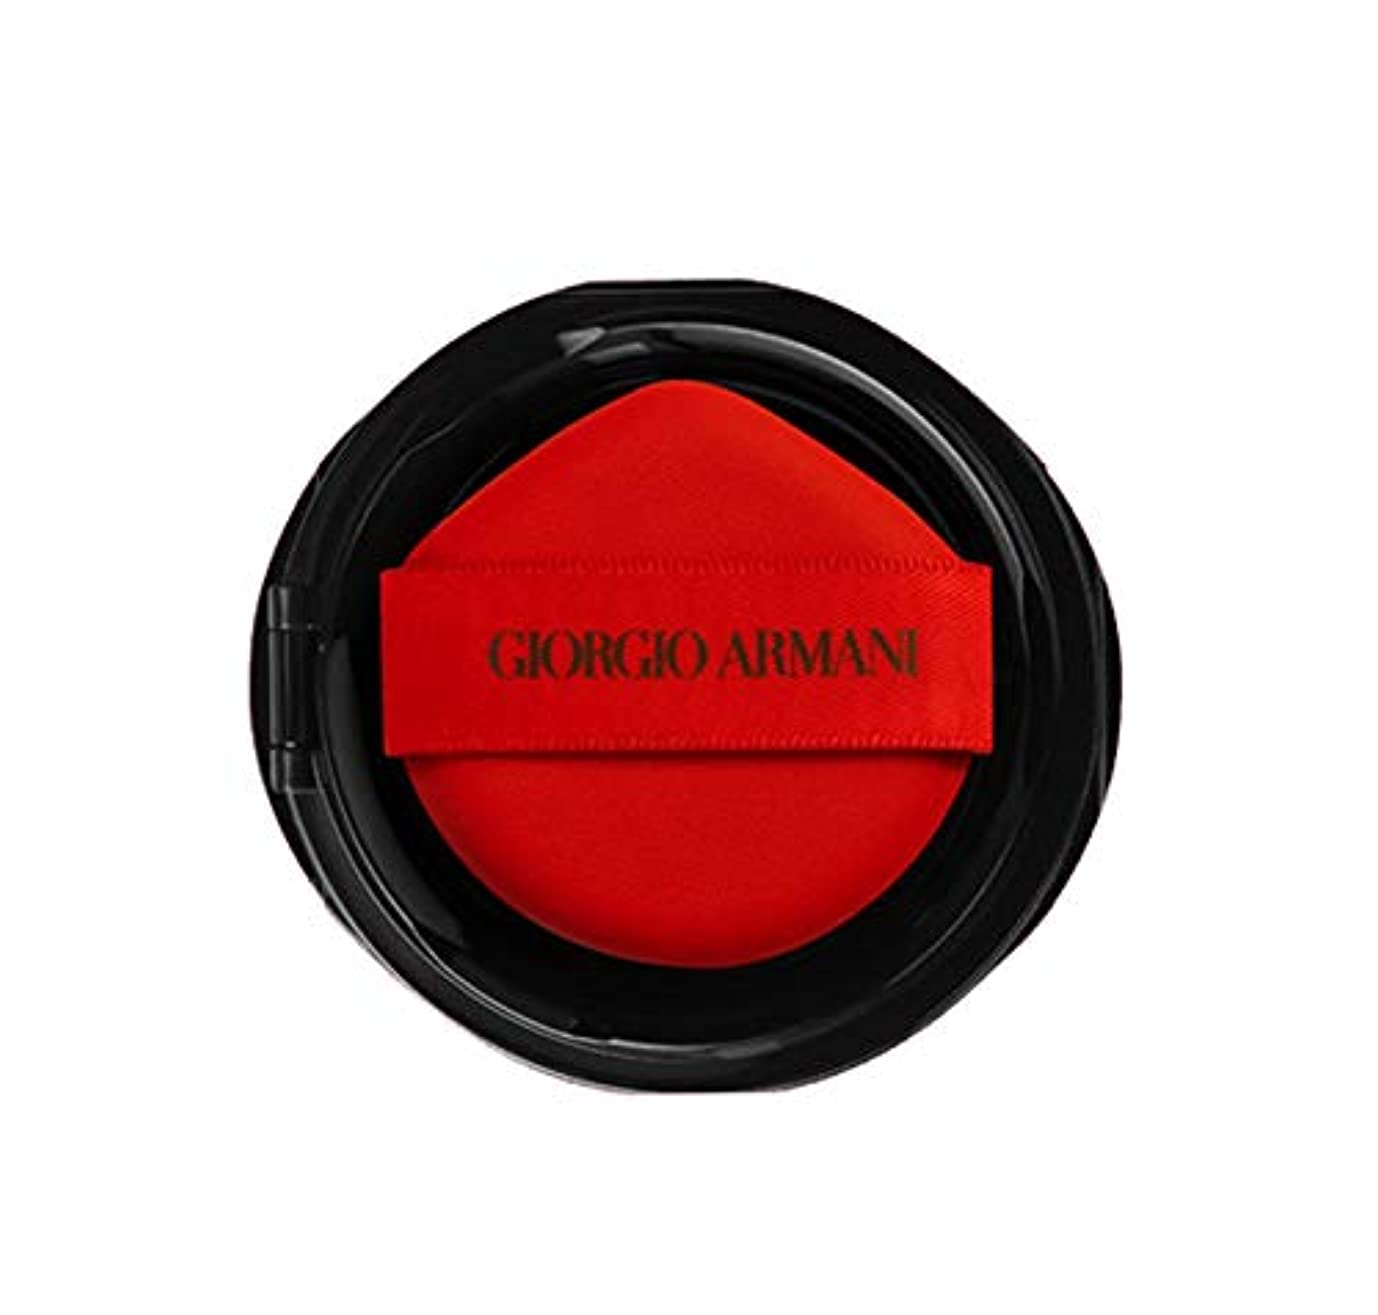 熟す著作権老朽化した【ジョルジオ アルマーニ ビューティ(Giorgio Armani Beauty)】 マイ アルマーニ トゥ ゴー クッション(レフィル) SPF23 PA+++ 15g # 2